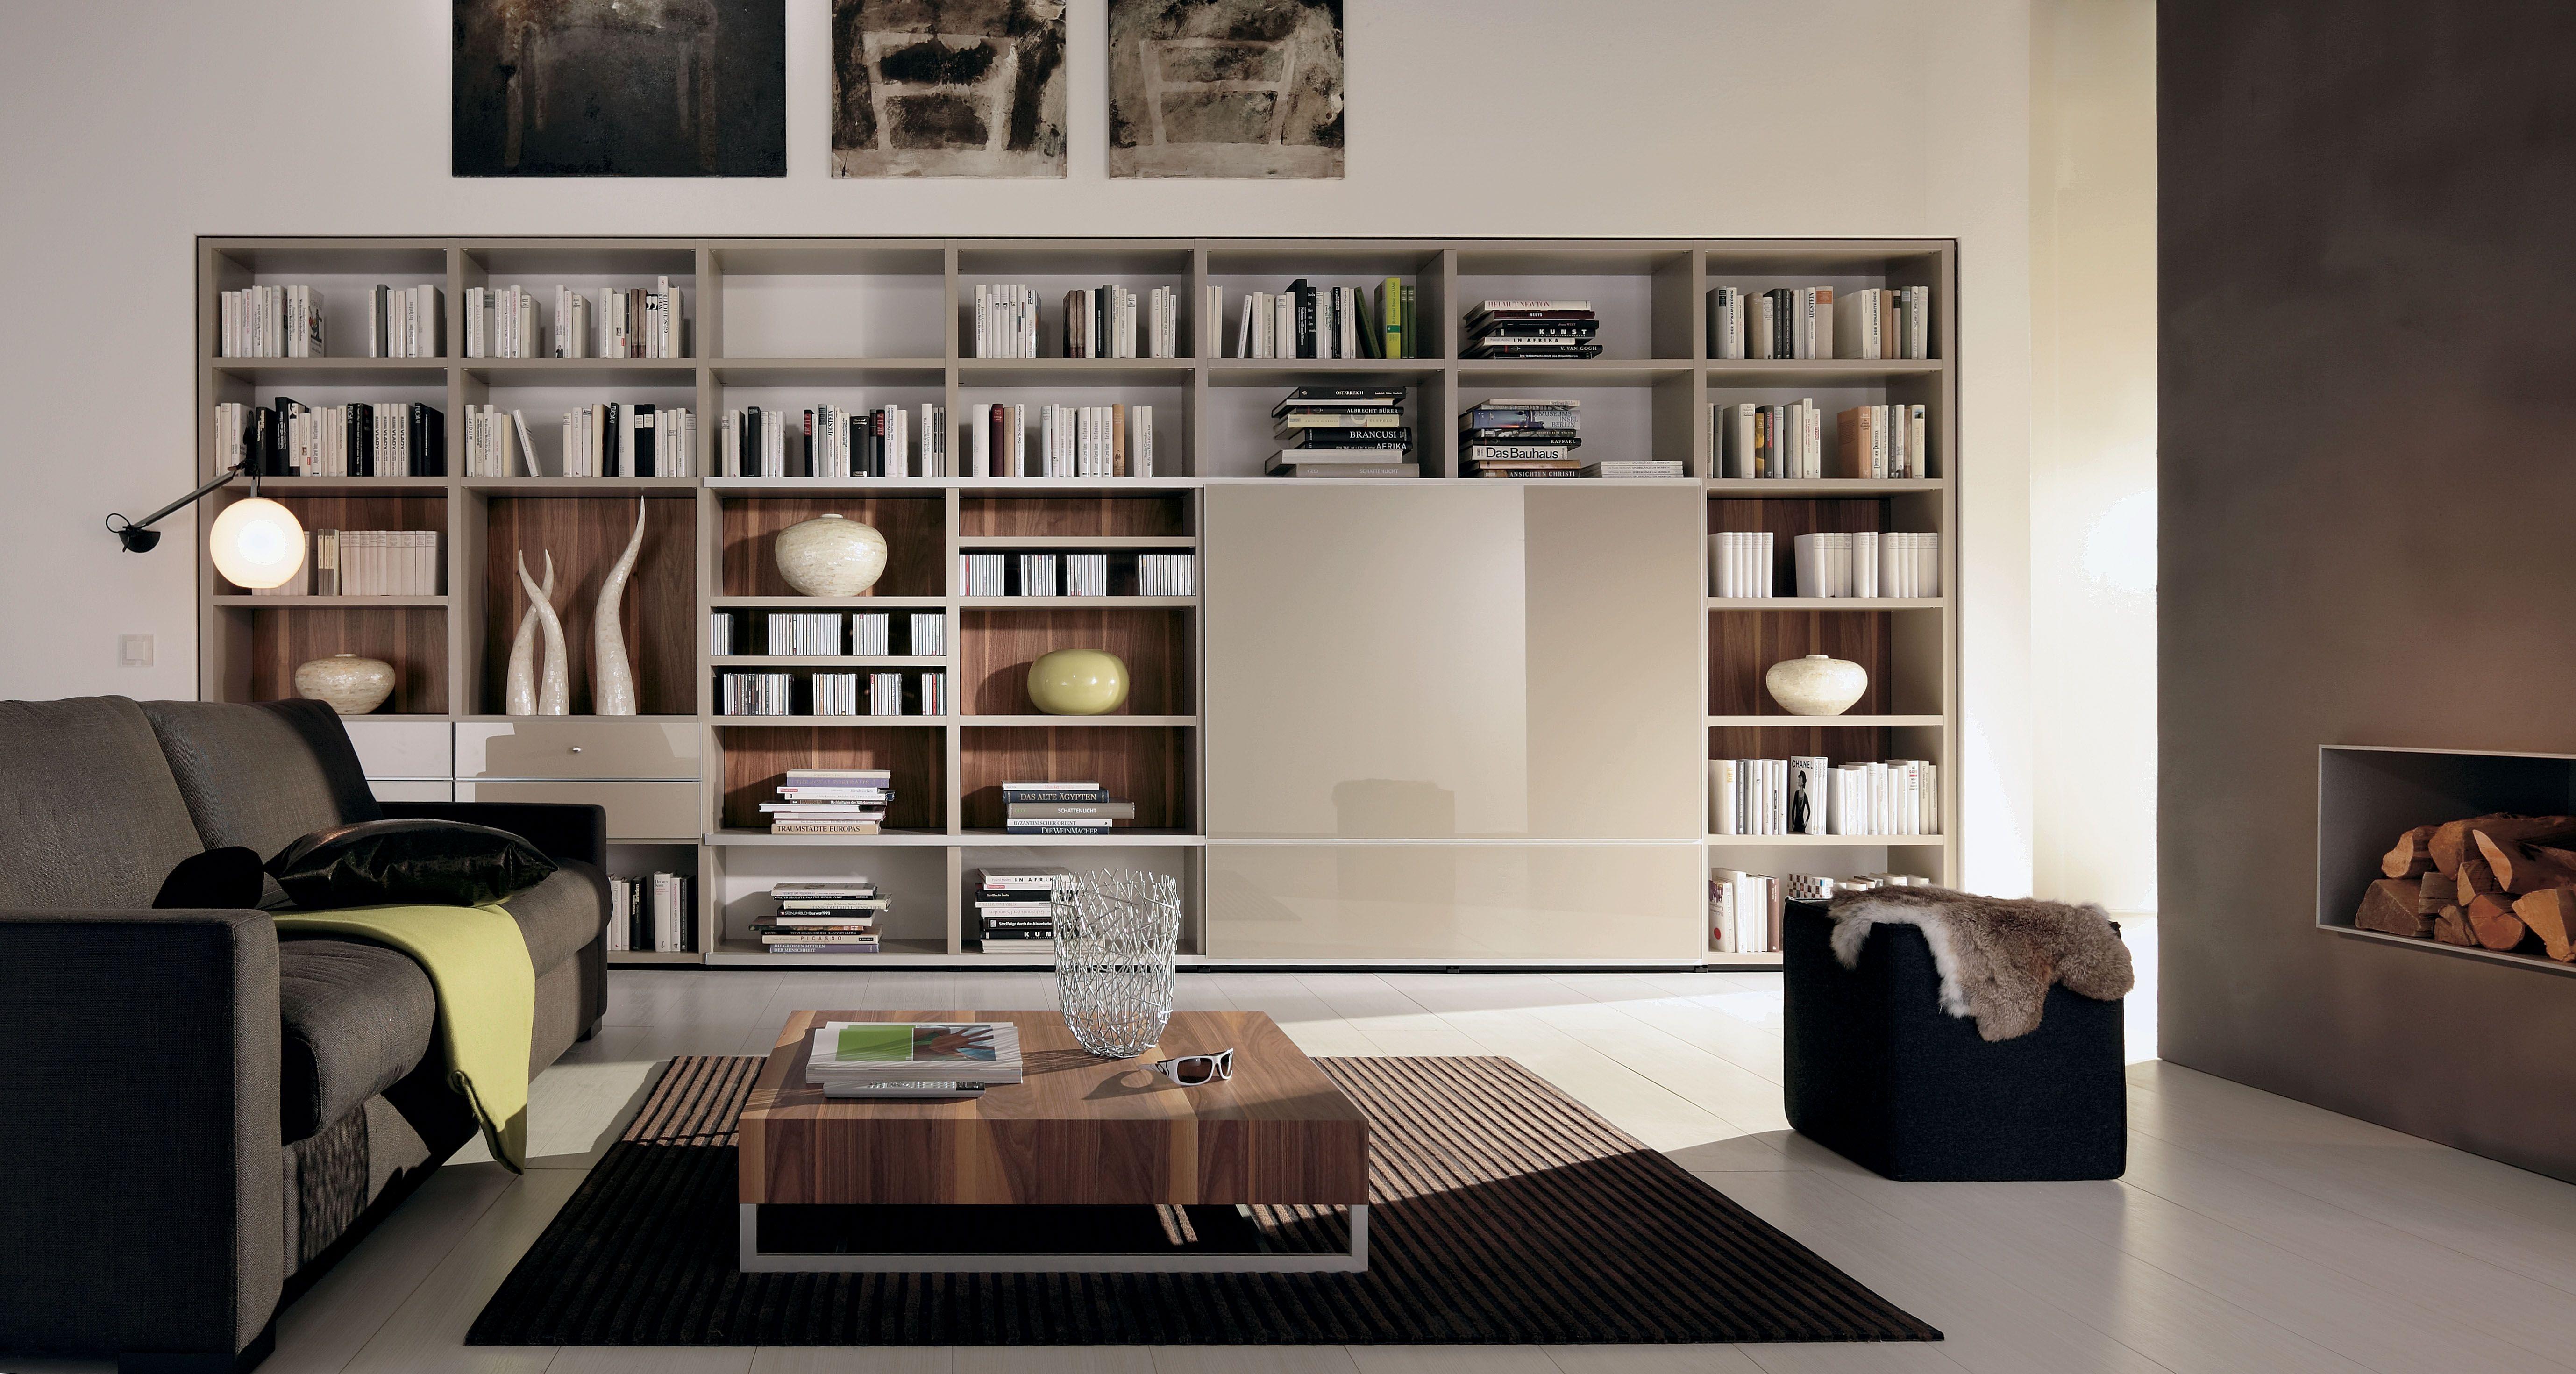 Bewundernswert Wohnzimmer Regale Und Bücherschränke Artwork Design ...